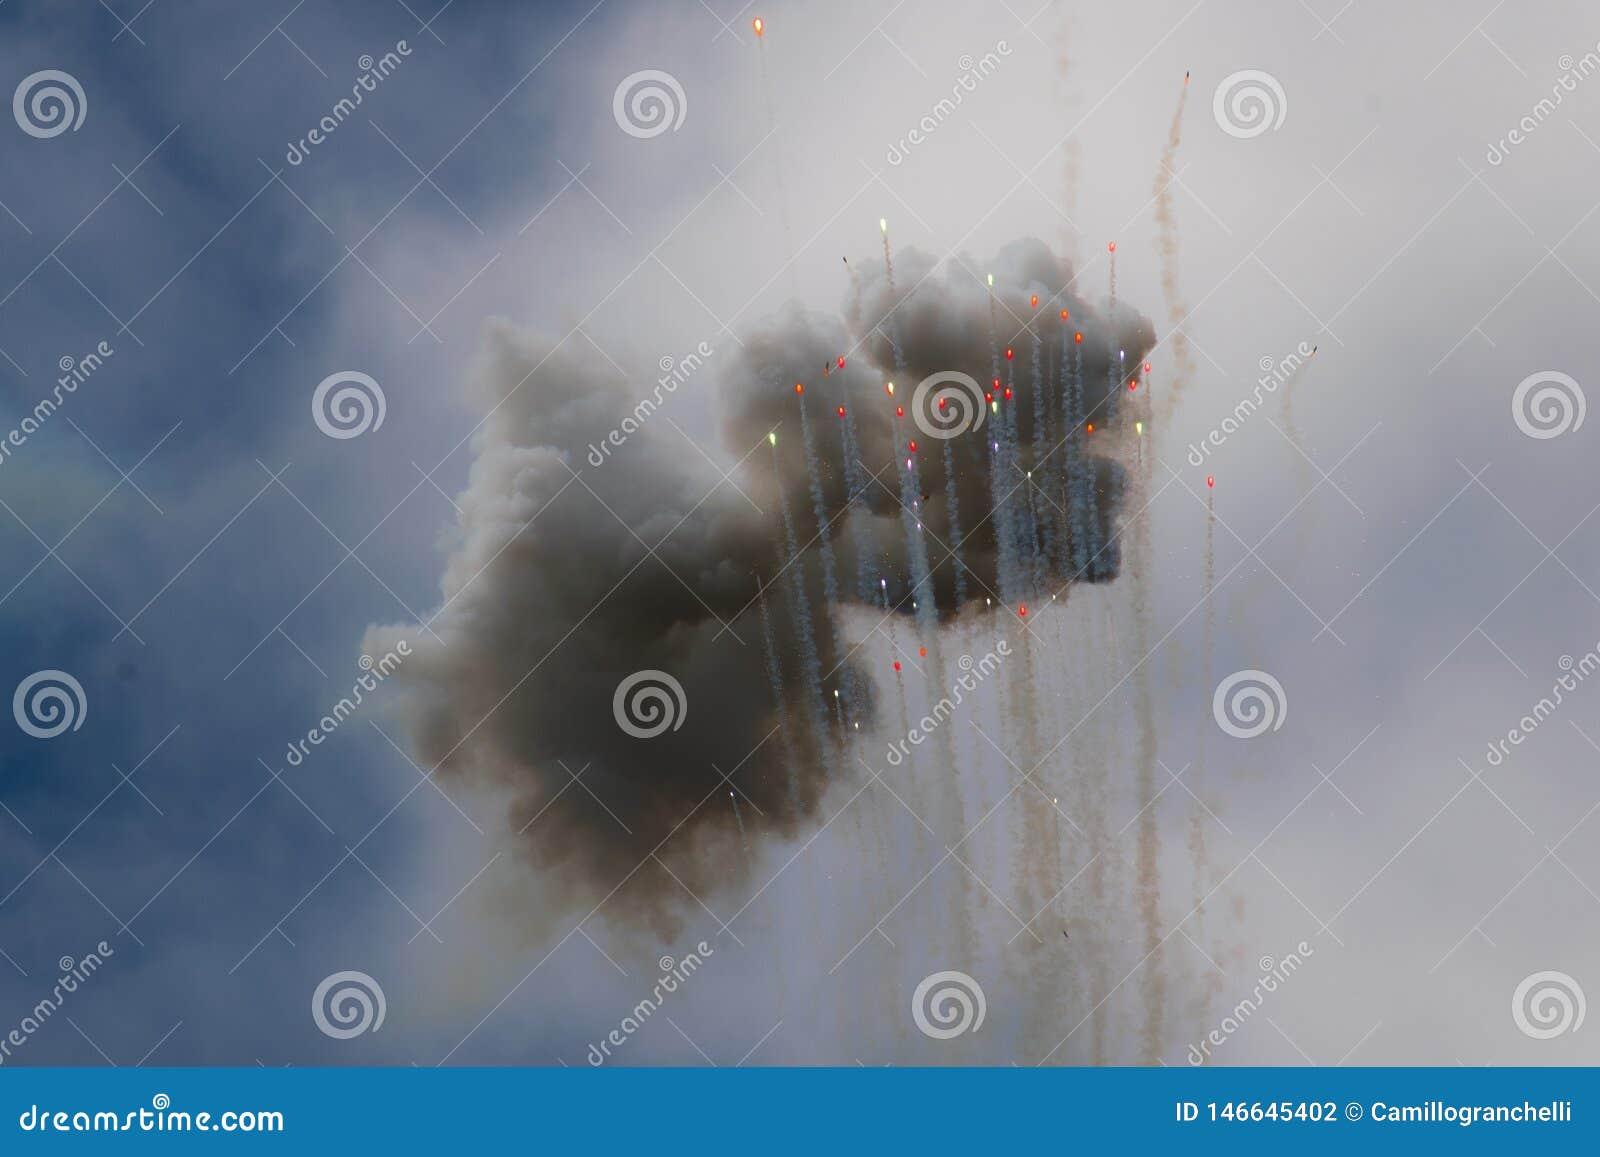 Ζωηρόχρωμες σύννεφα και σφαίρες πυροτεχνημάτων ημέρας που αυξάνονται στον ουρανό